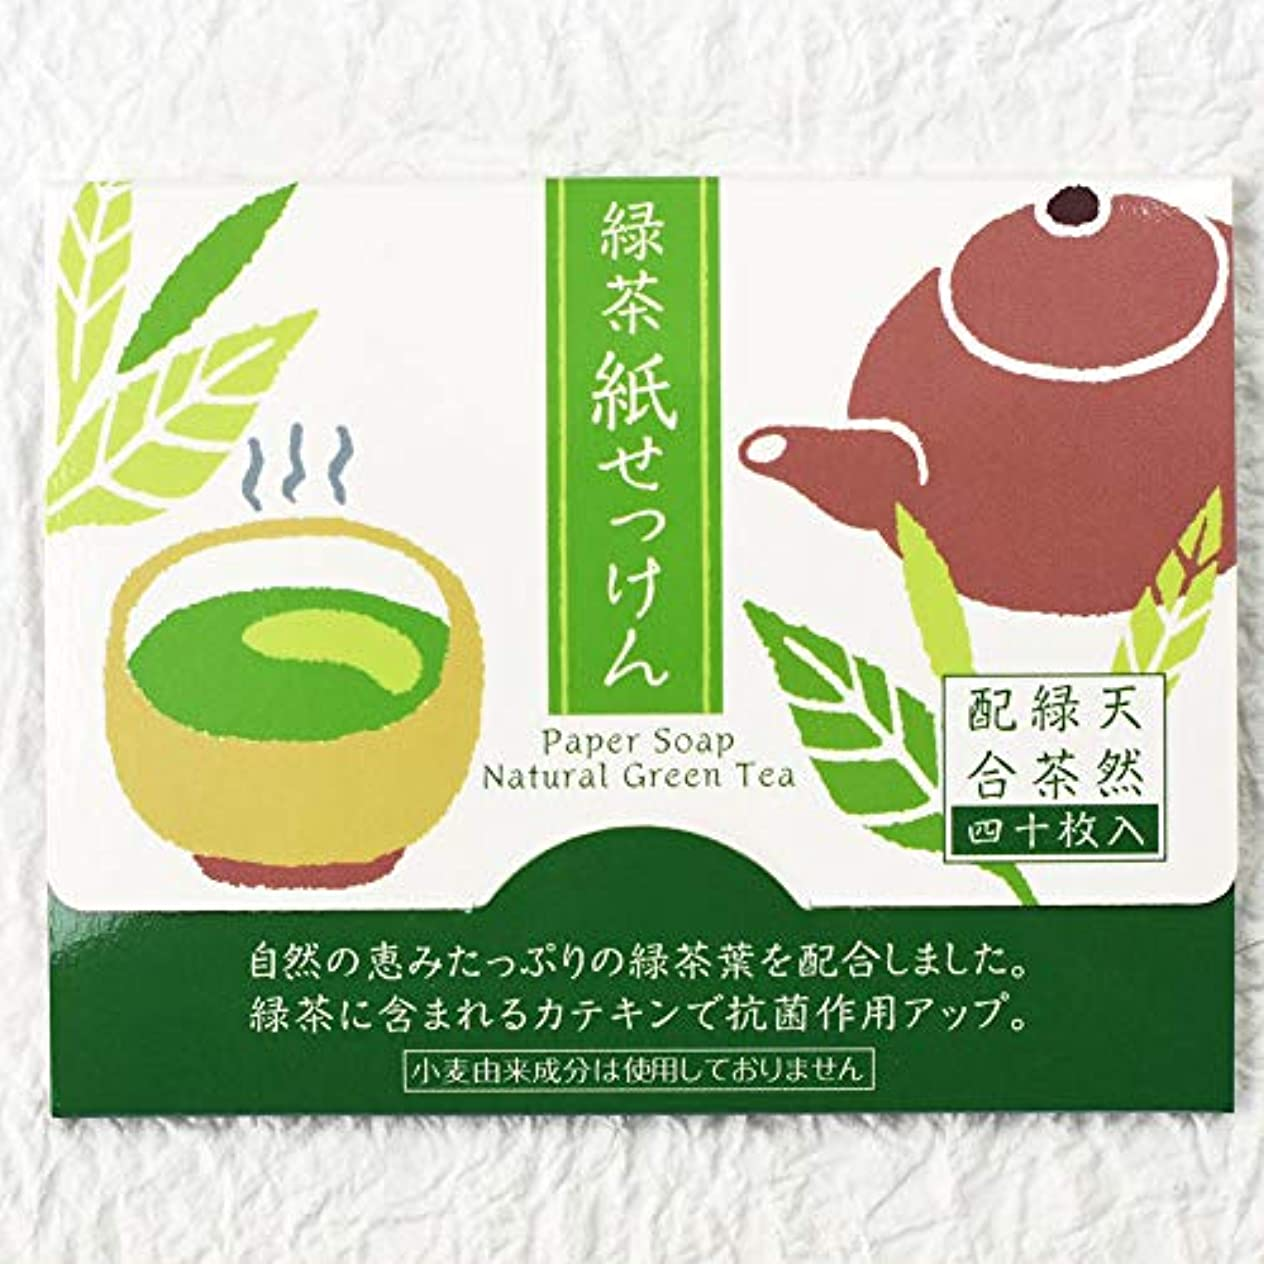 見捨てるサイバースペースフロー表現社 紙せっけん 天然緑茶配合 22-289